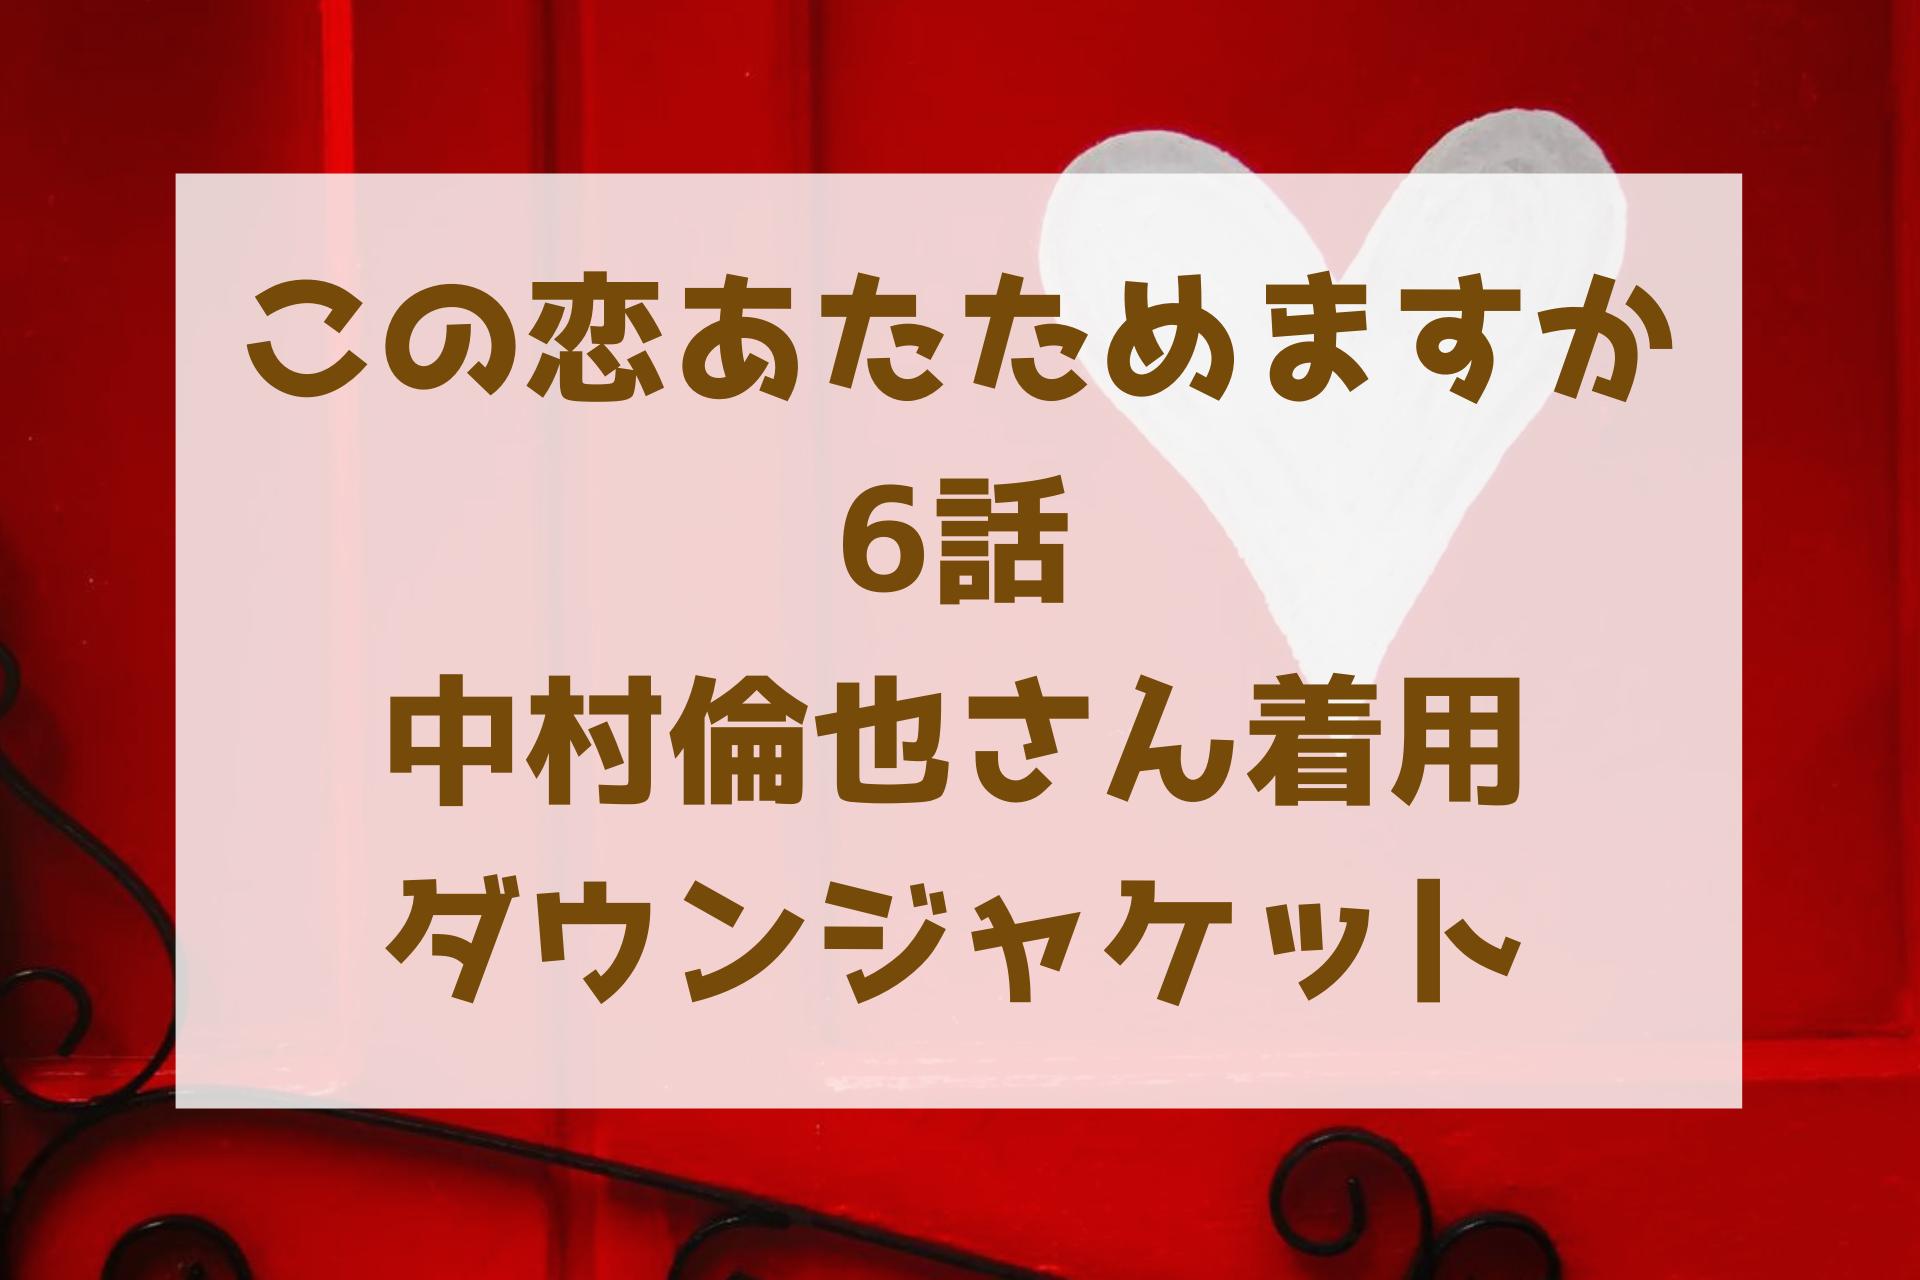 この恋あたためますか浅羽(中村倫也)が着ていたダウンジャケットは?衣装のブランド調査!